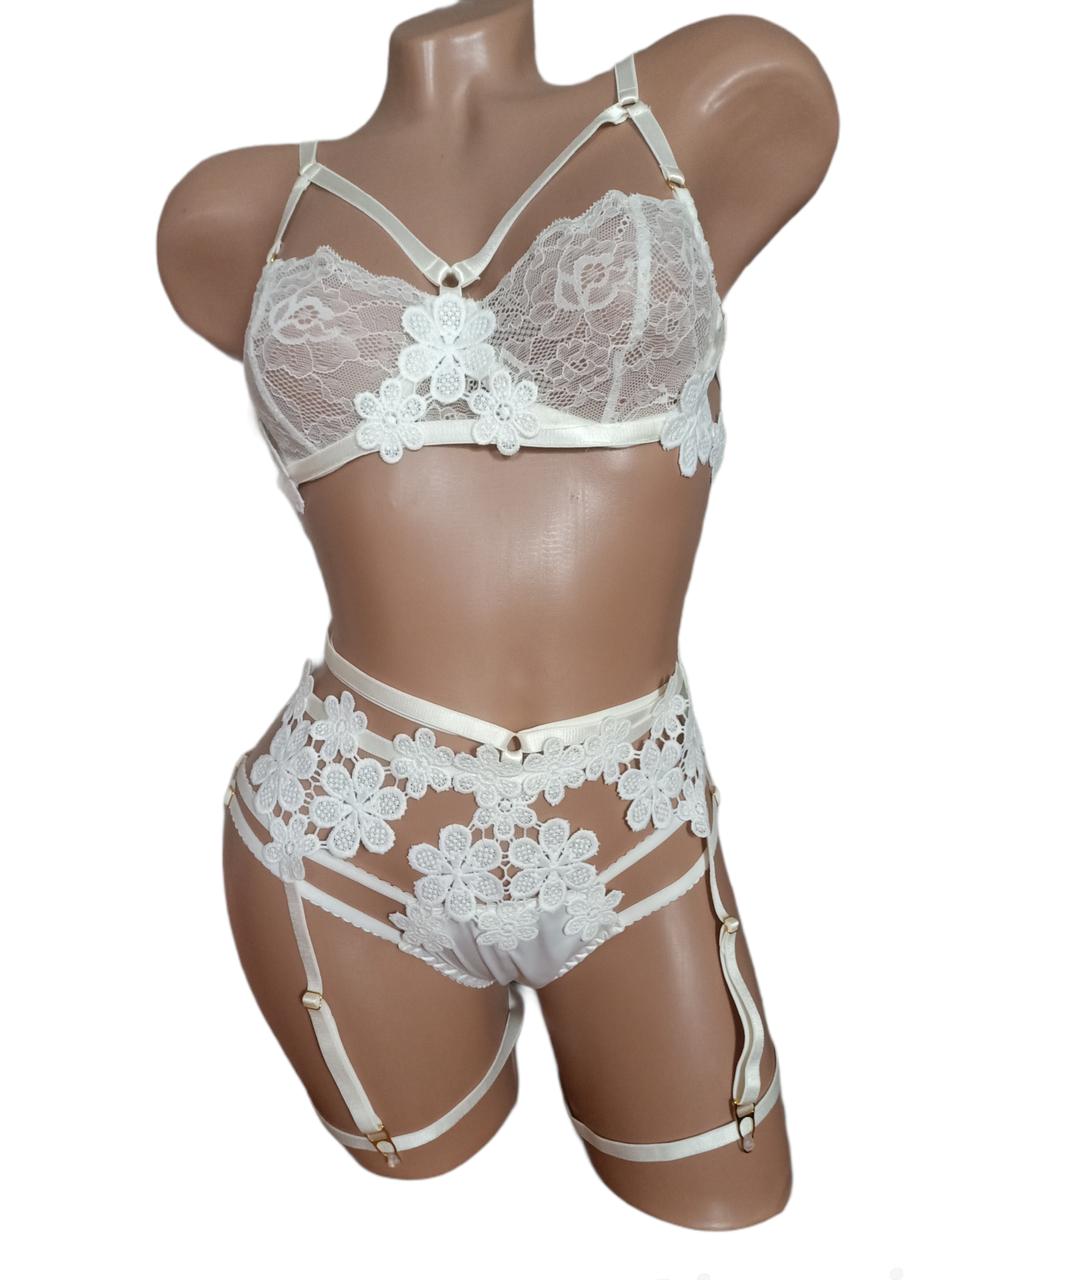 Атласный эротический комплект нижнего белья с поясом.